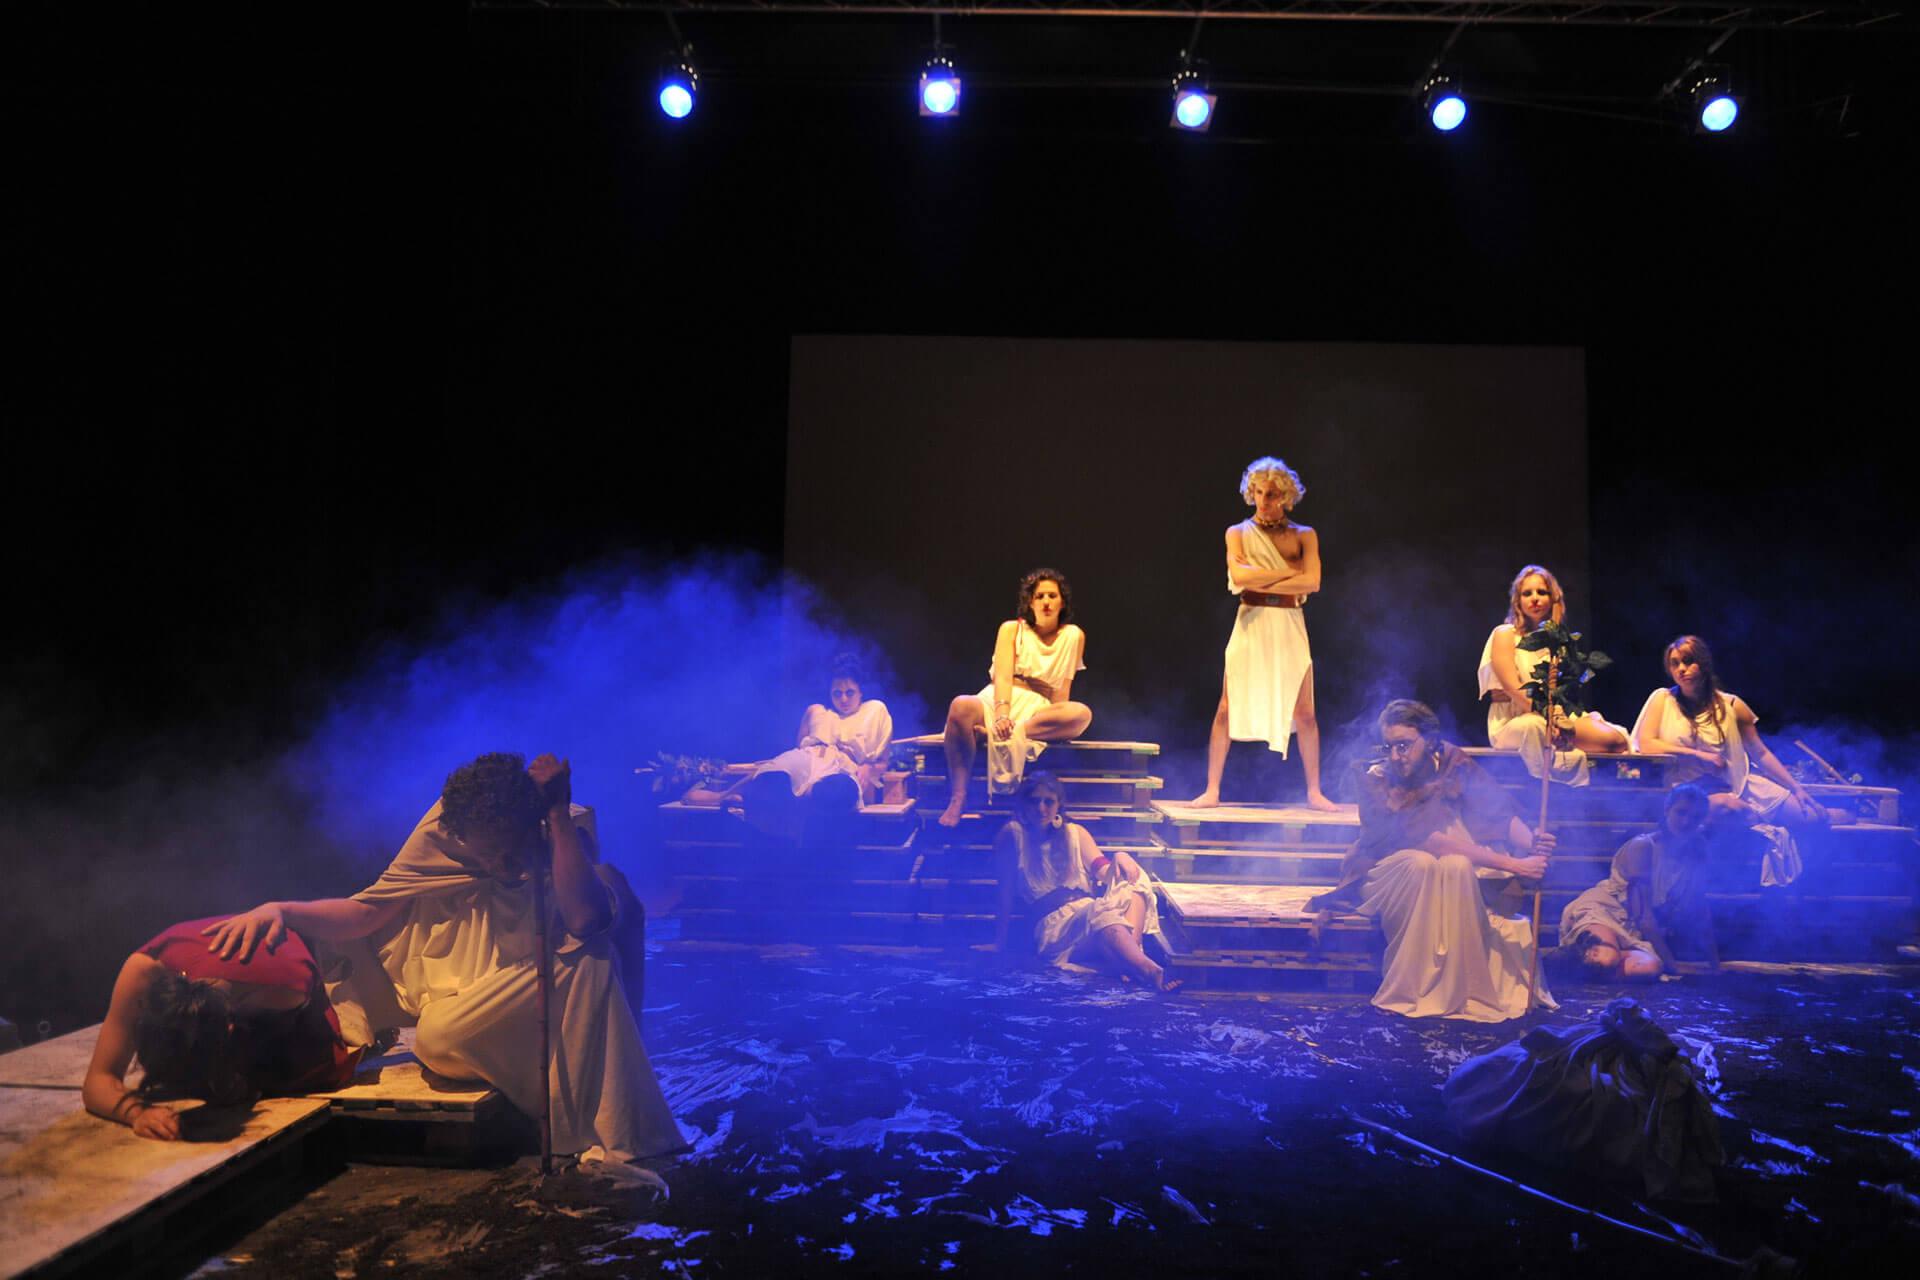 scuola-di-teatro-colli-troiane-baccanti-2010-12